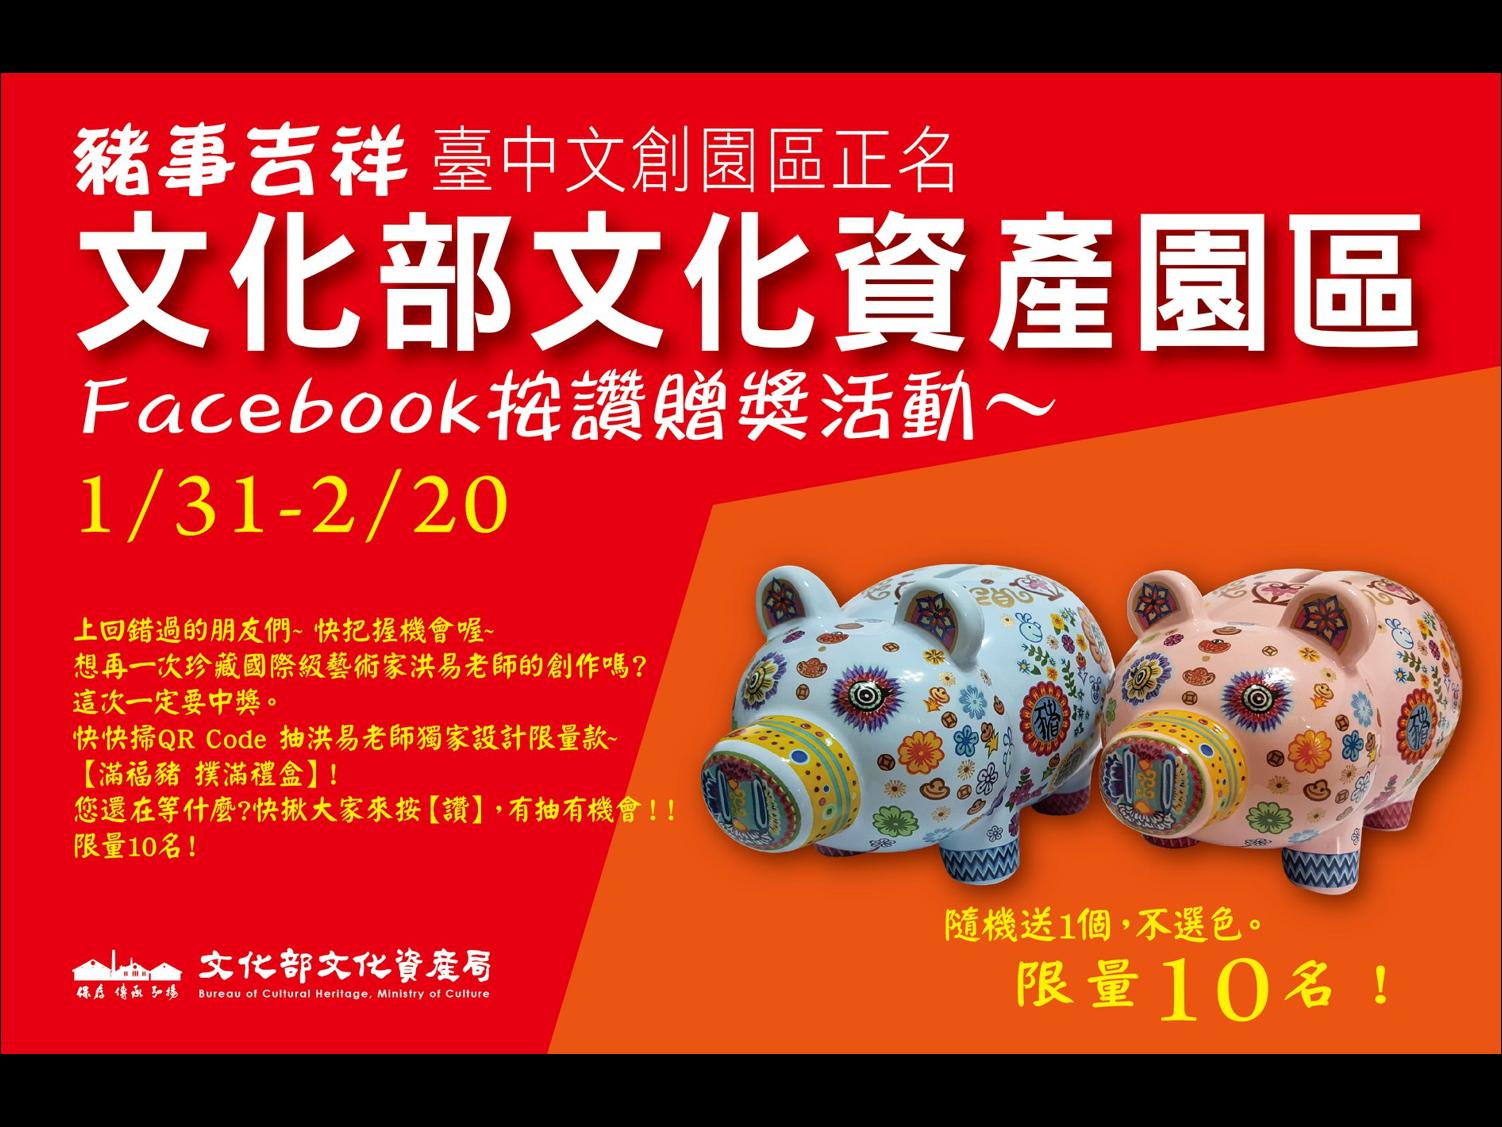 文化部文化資產園區Facebook按讚贈獎活動[另開新視窗]